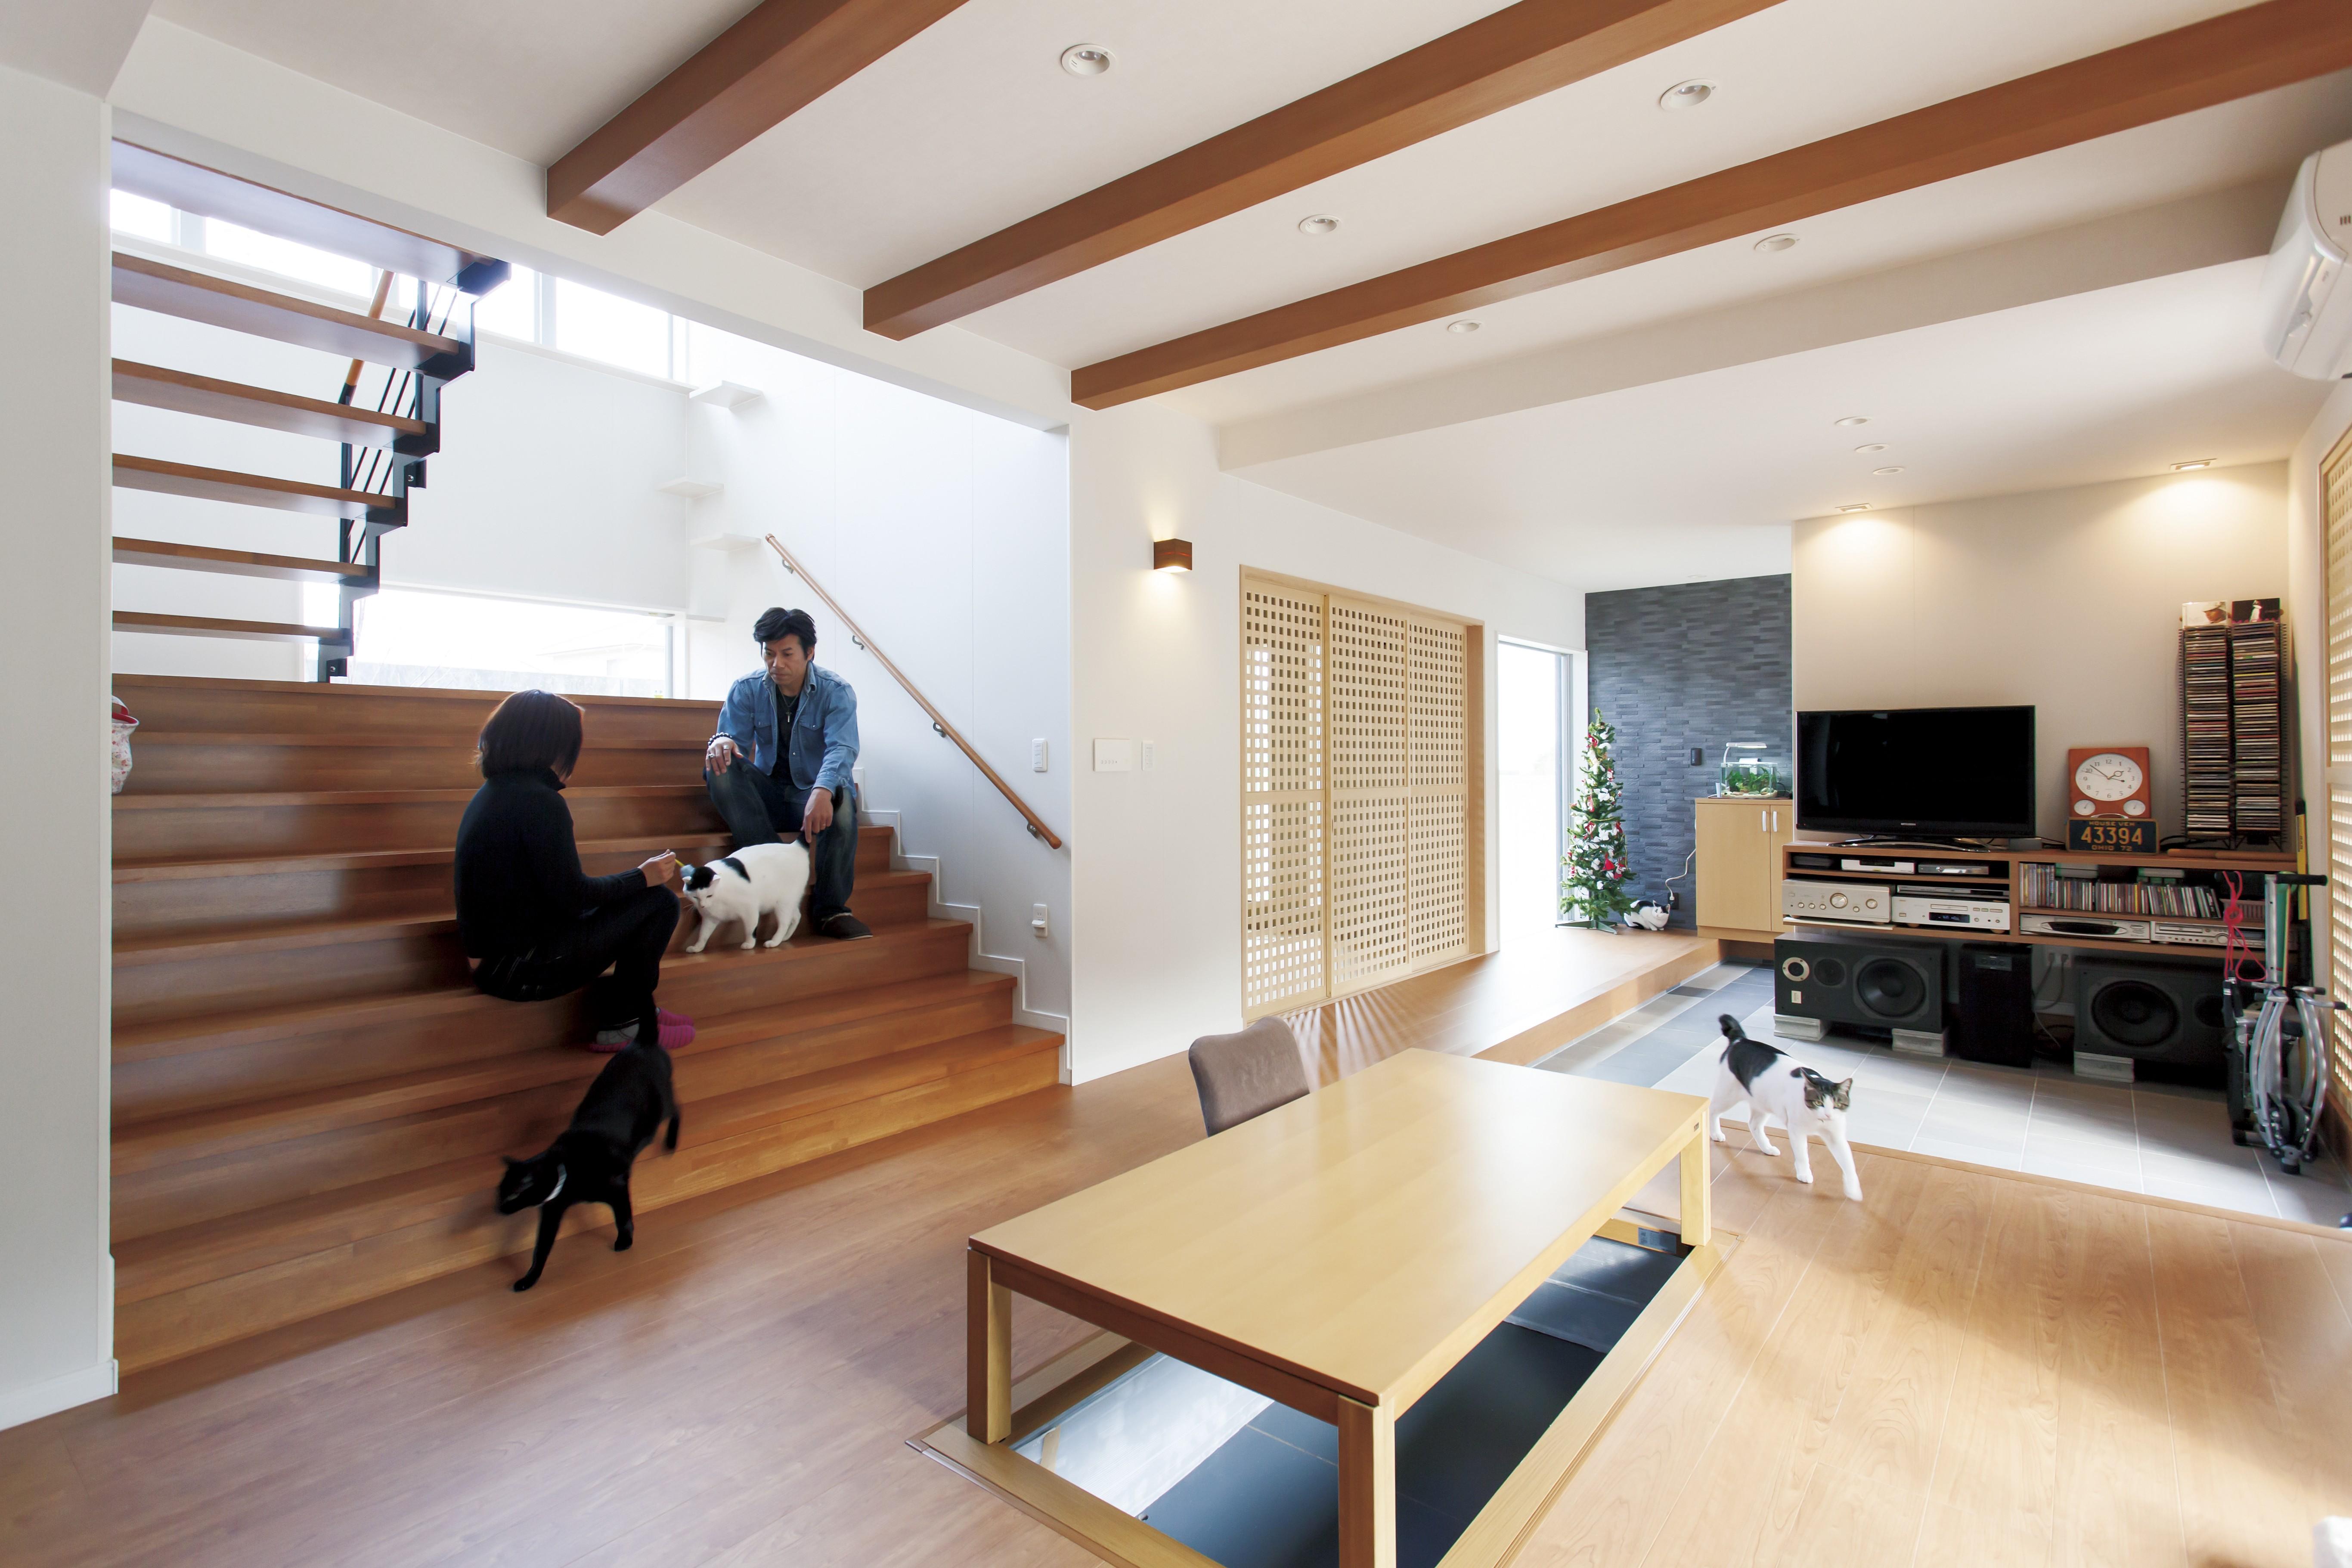 猫のために建てた家は人も楽しめる家に イメージ